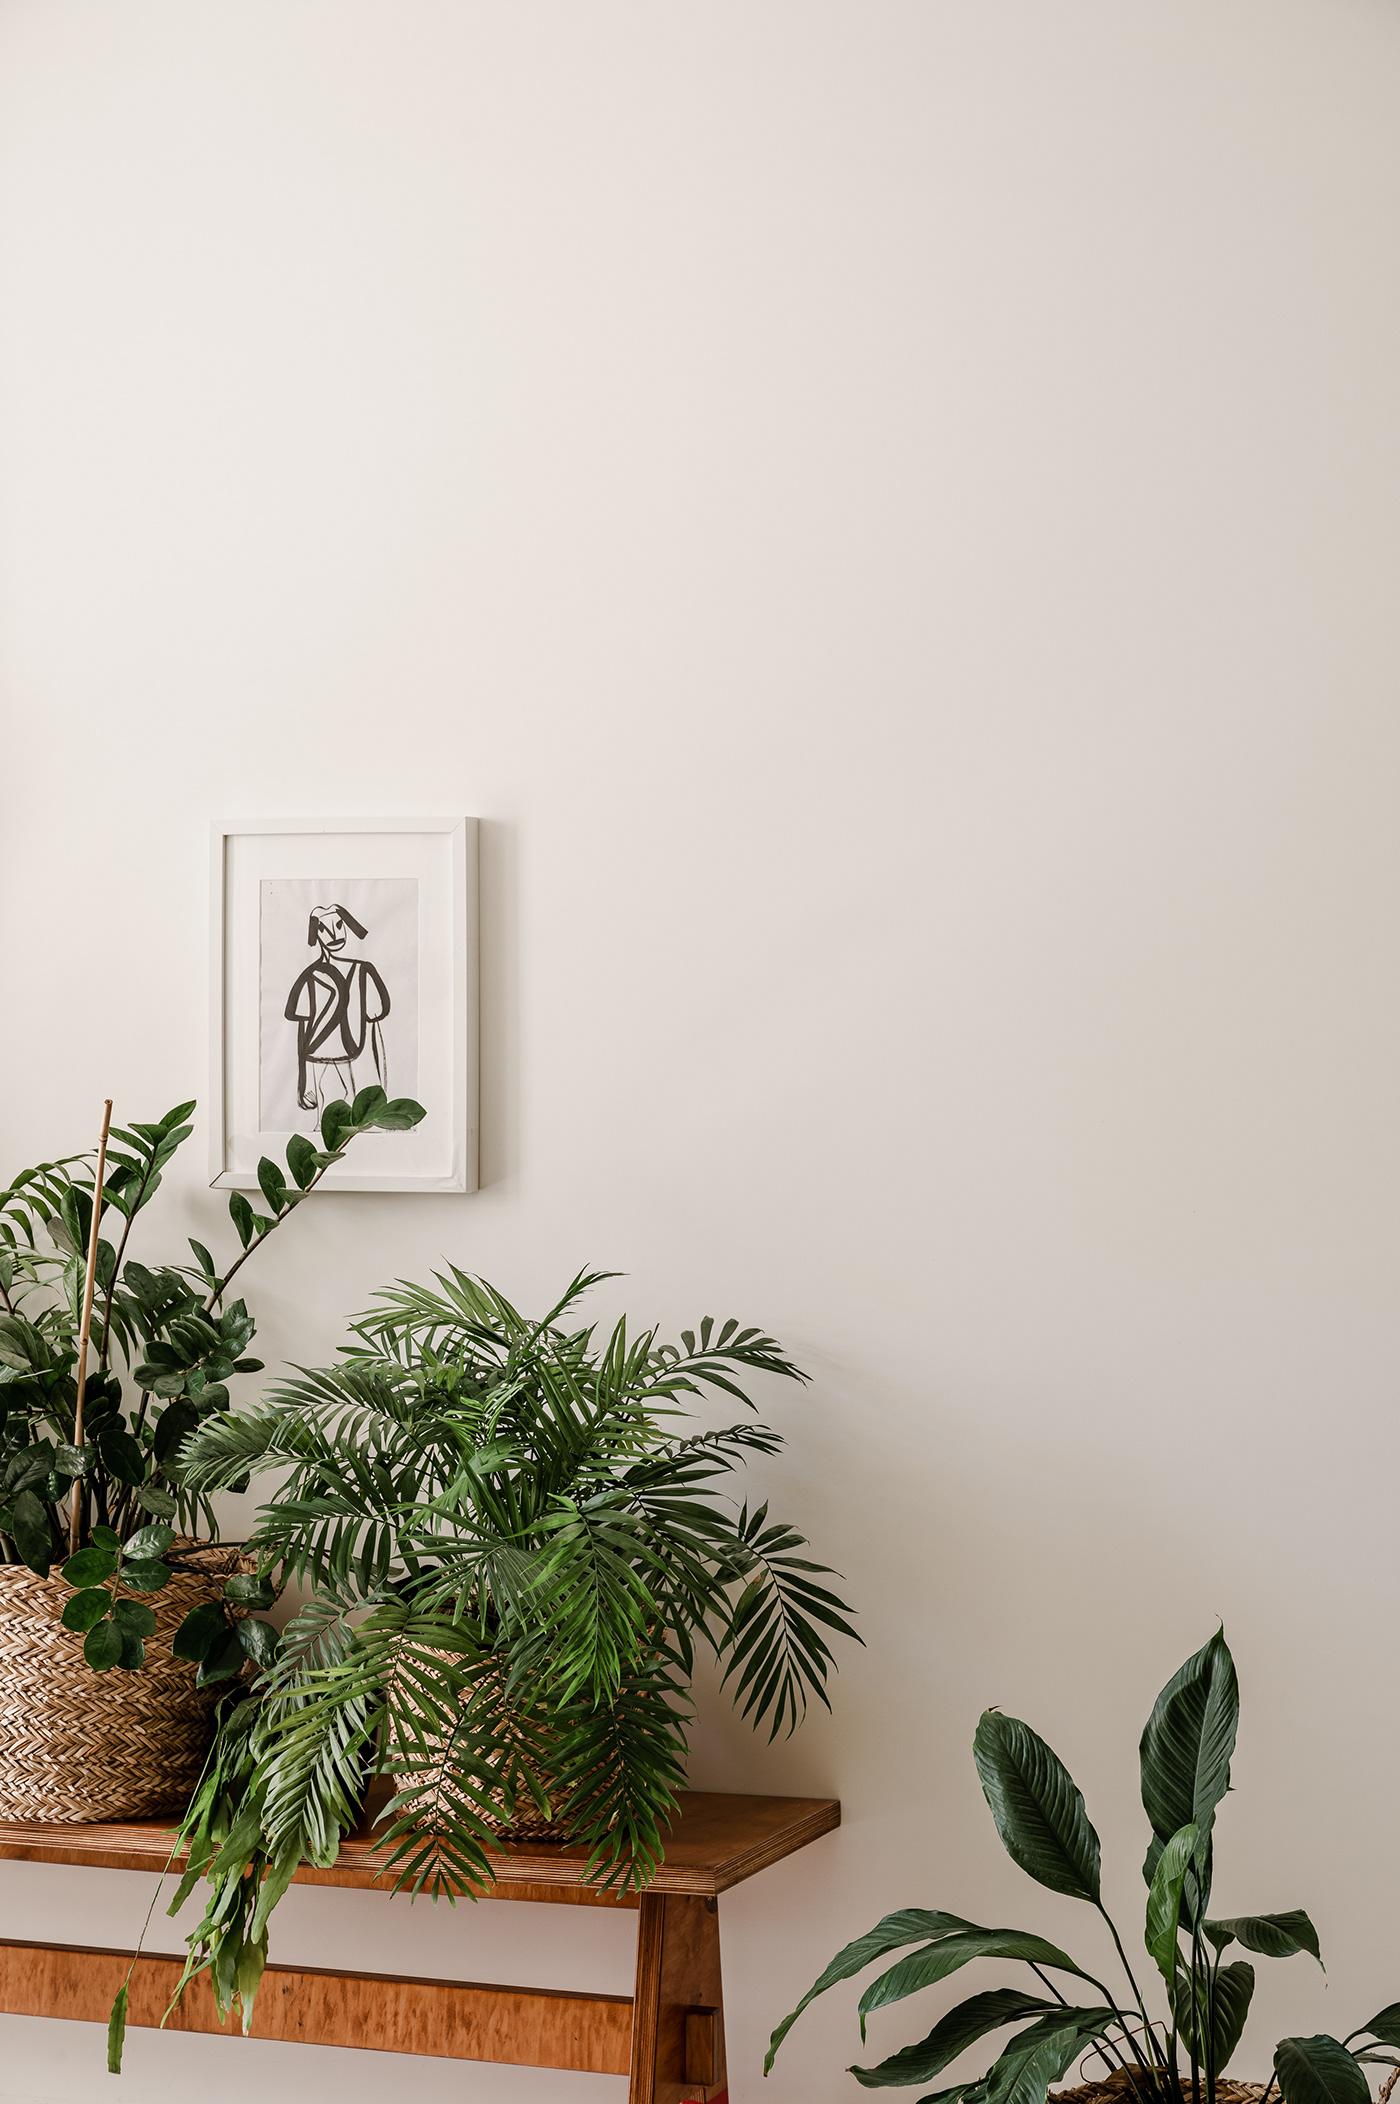 apartment black green home light minimal Minimalism plants simple wood